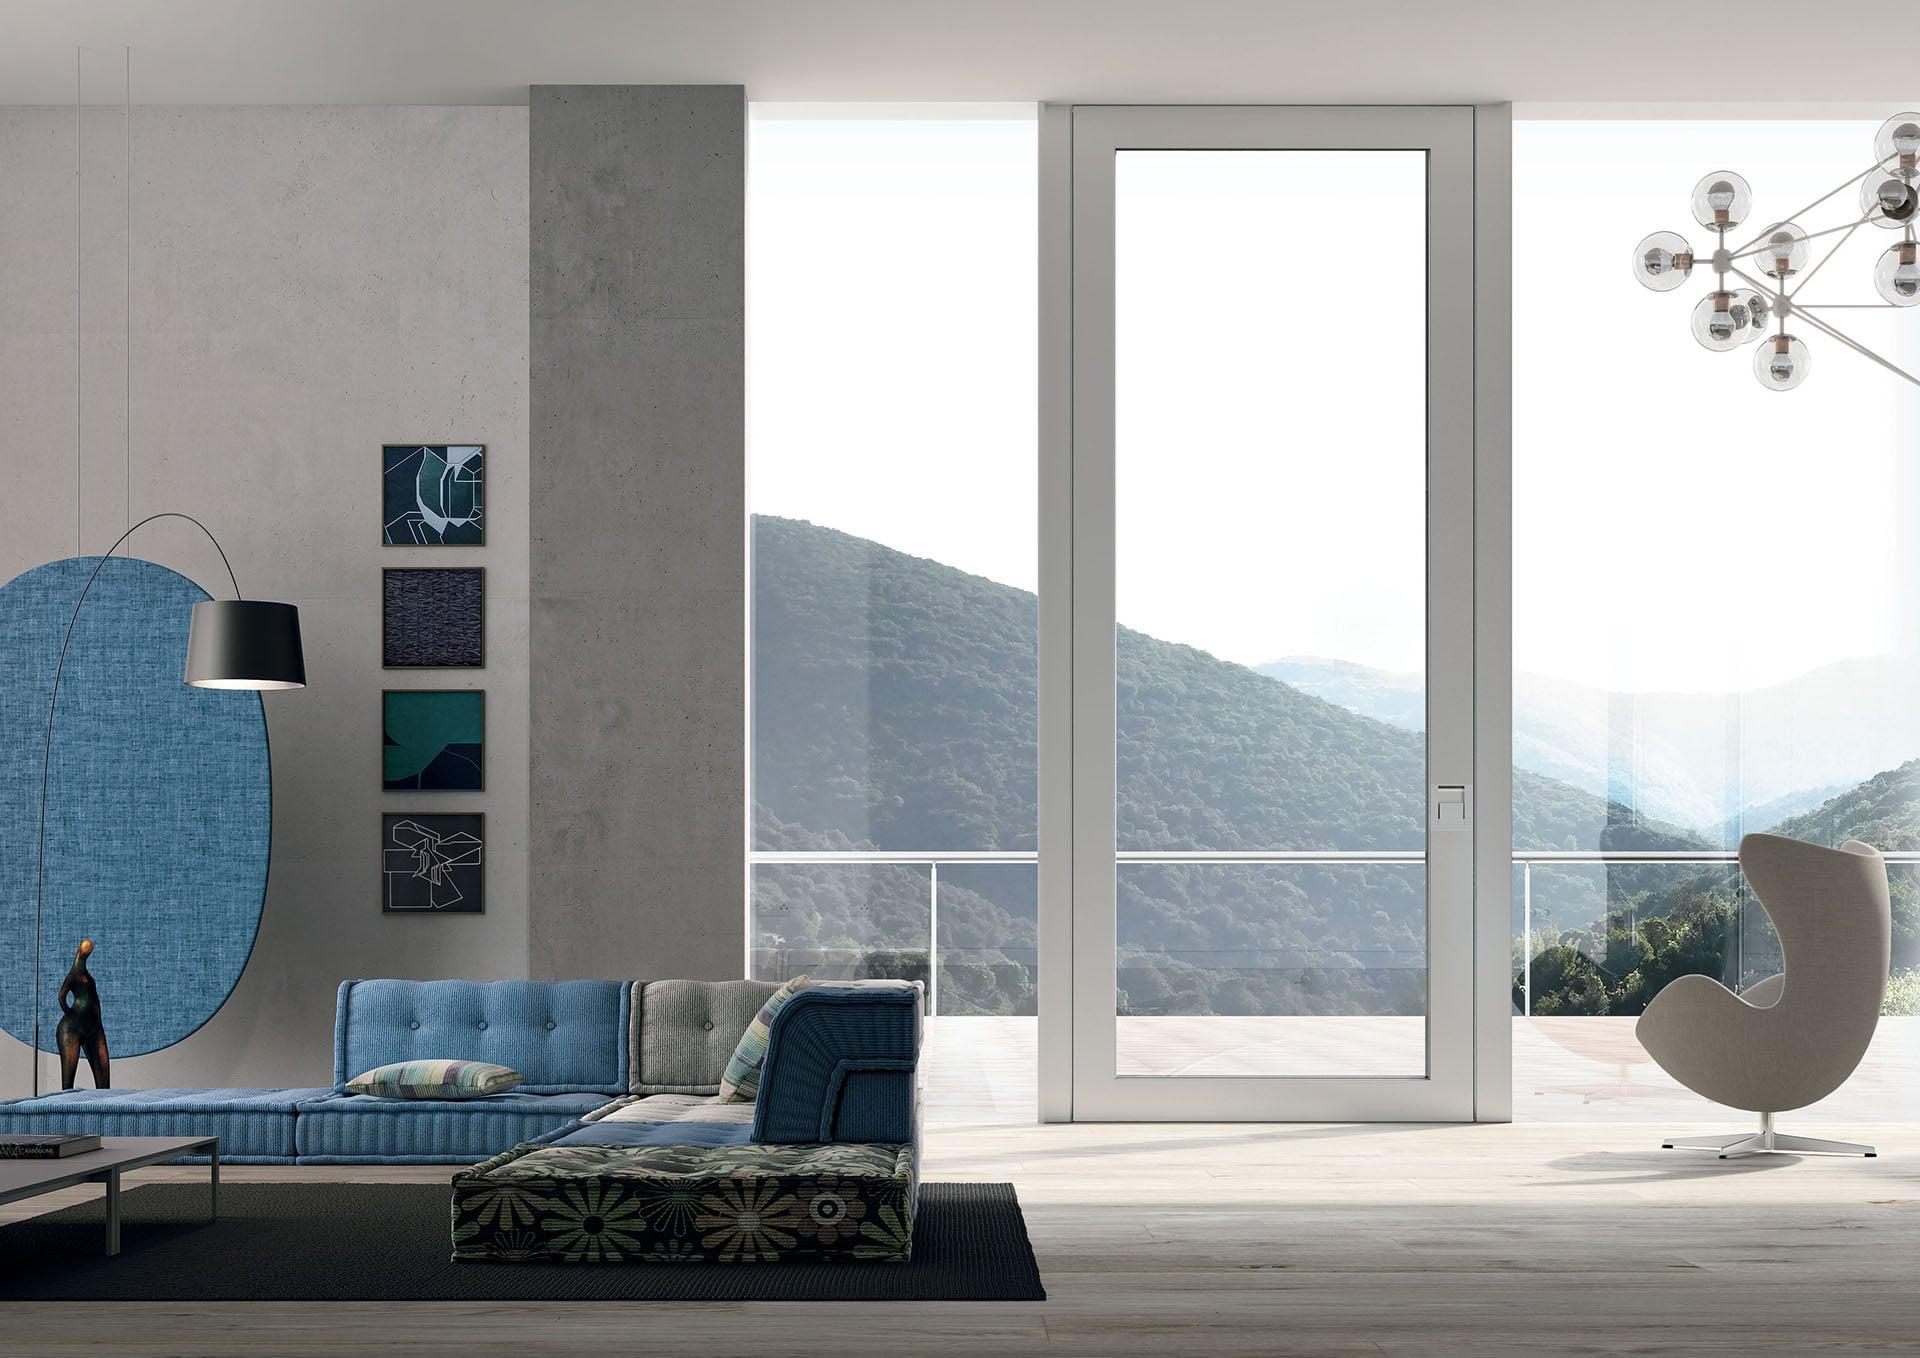 puerta blindada serie Nova de Oikos en vidrio